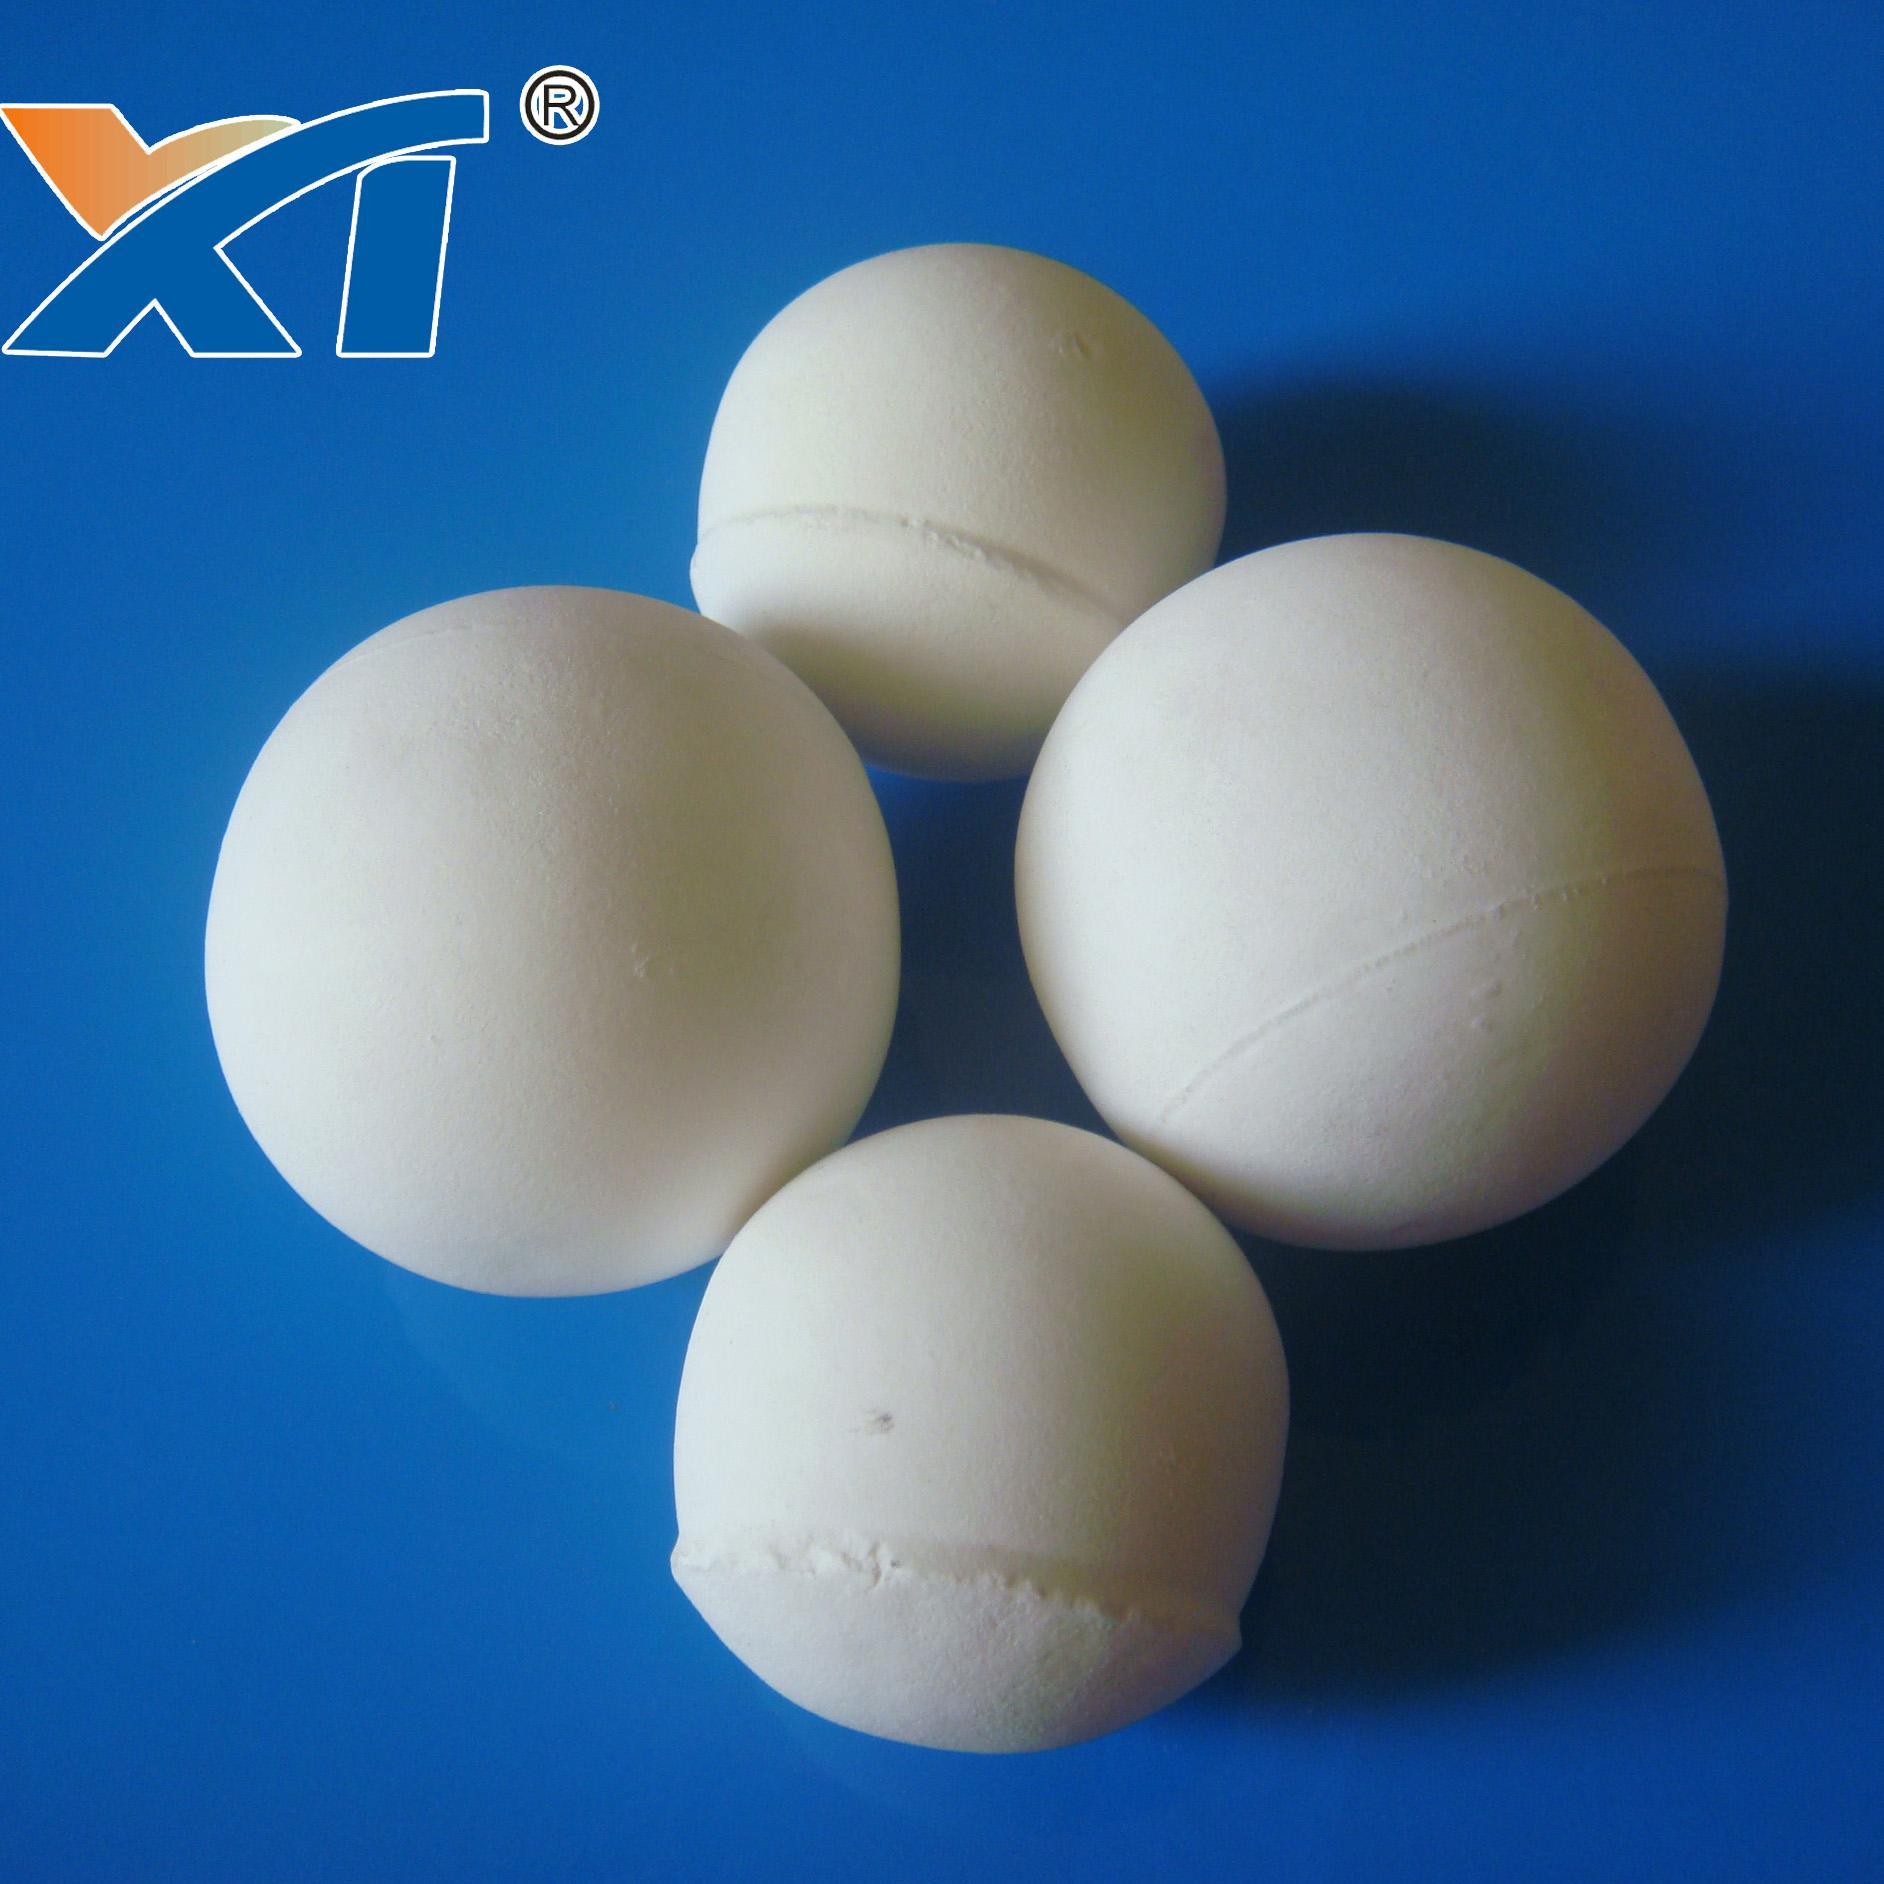 95 white high alumina ceramic grinding balls for ball mill 1